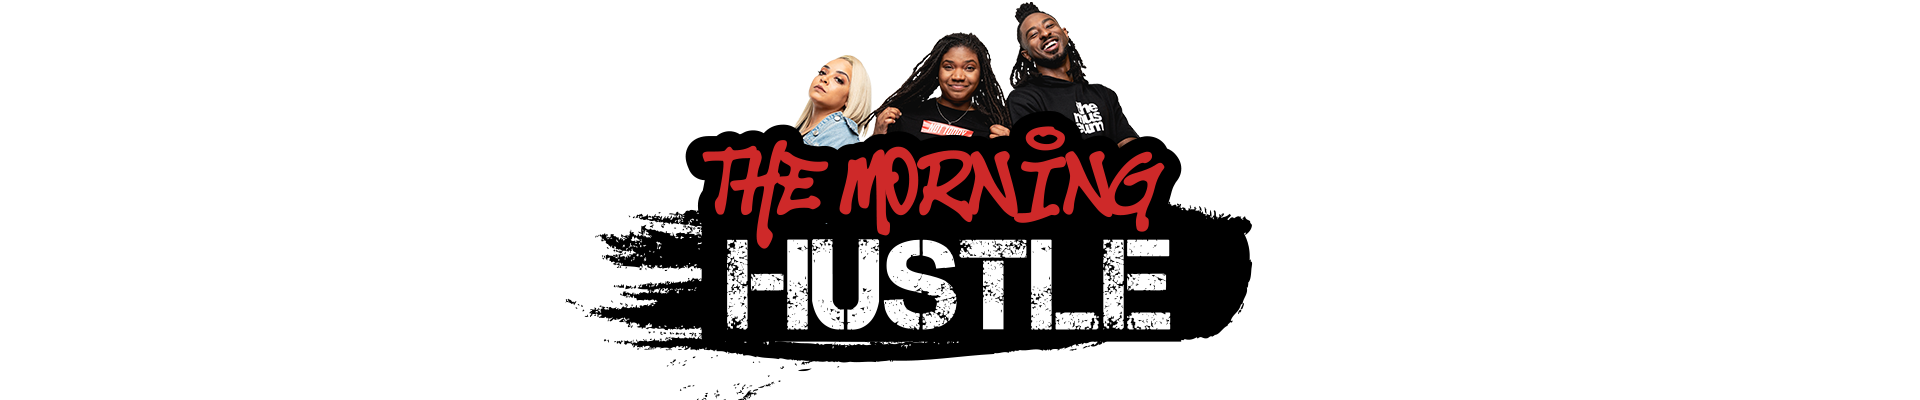 The Morning Hustle Logo